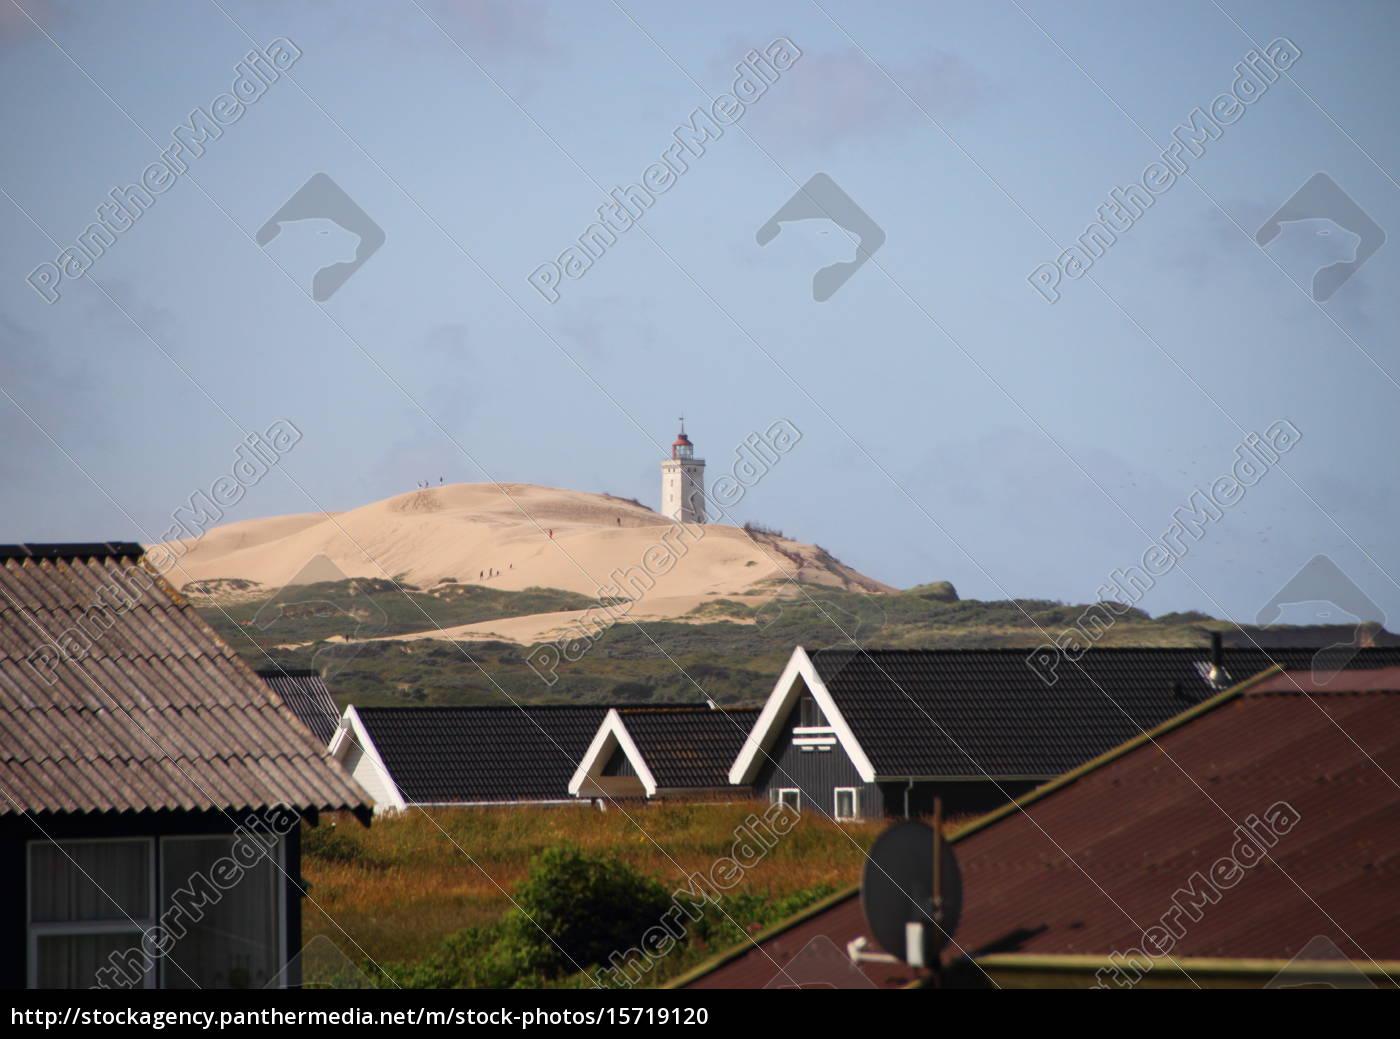 paisaje, con, casas, de, verano, y - 15719120